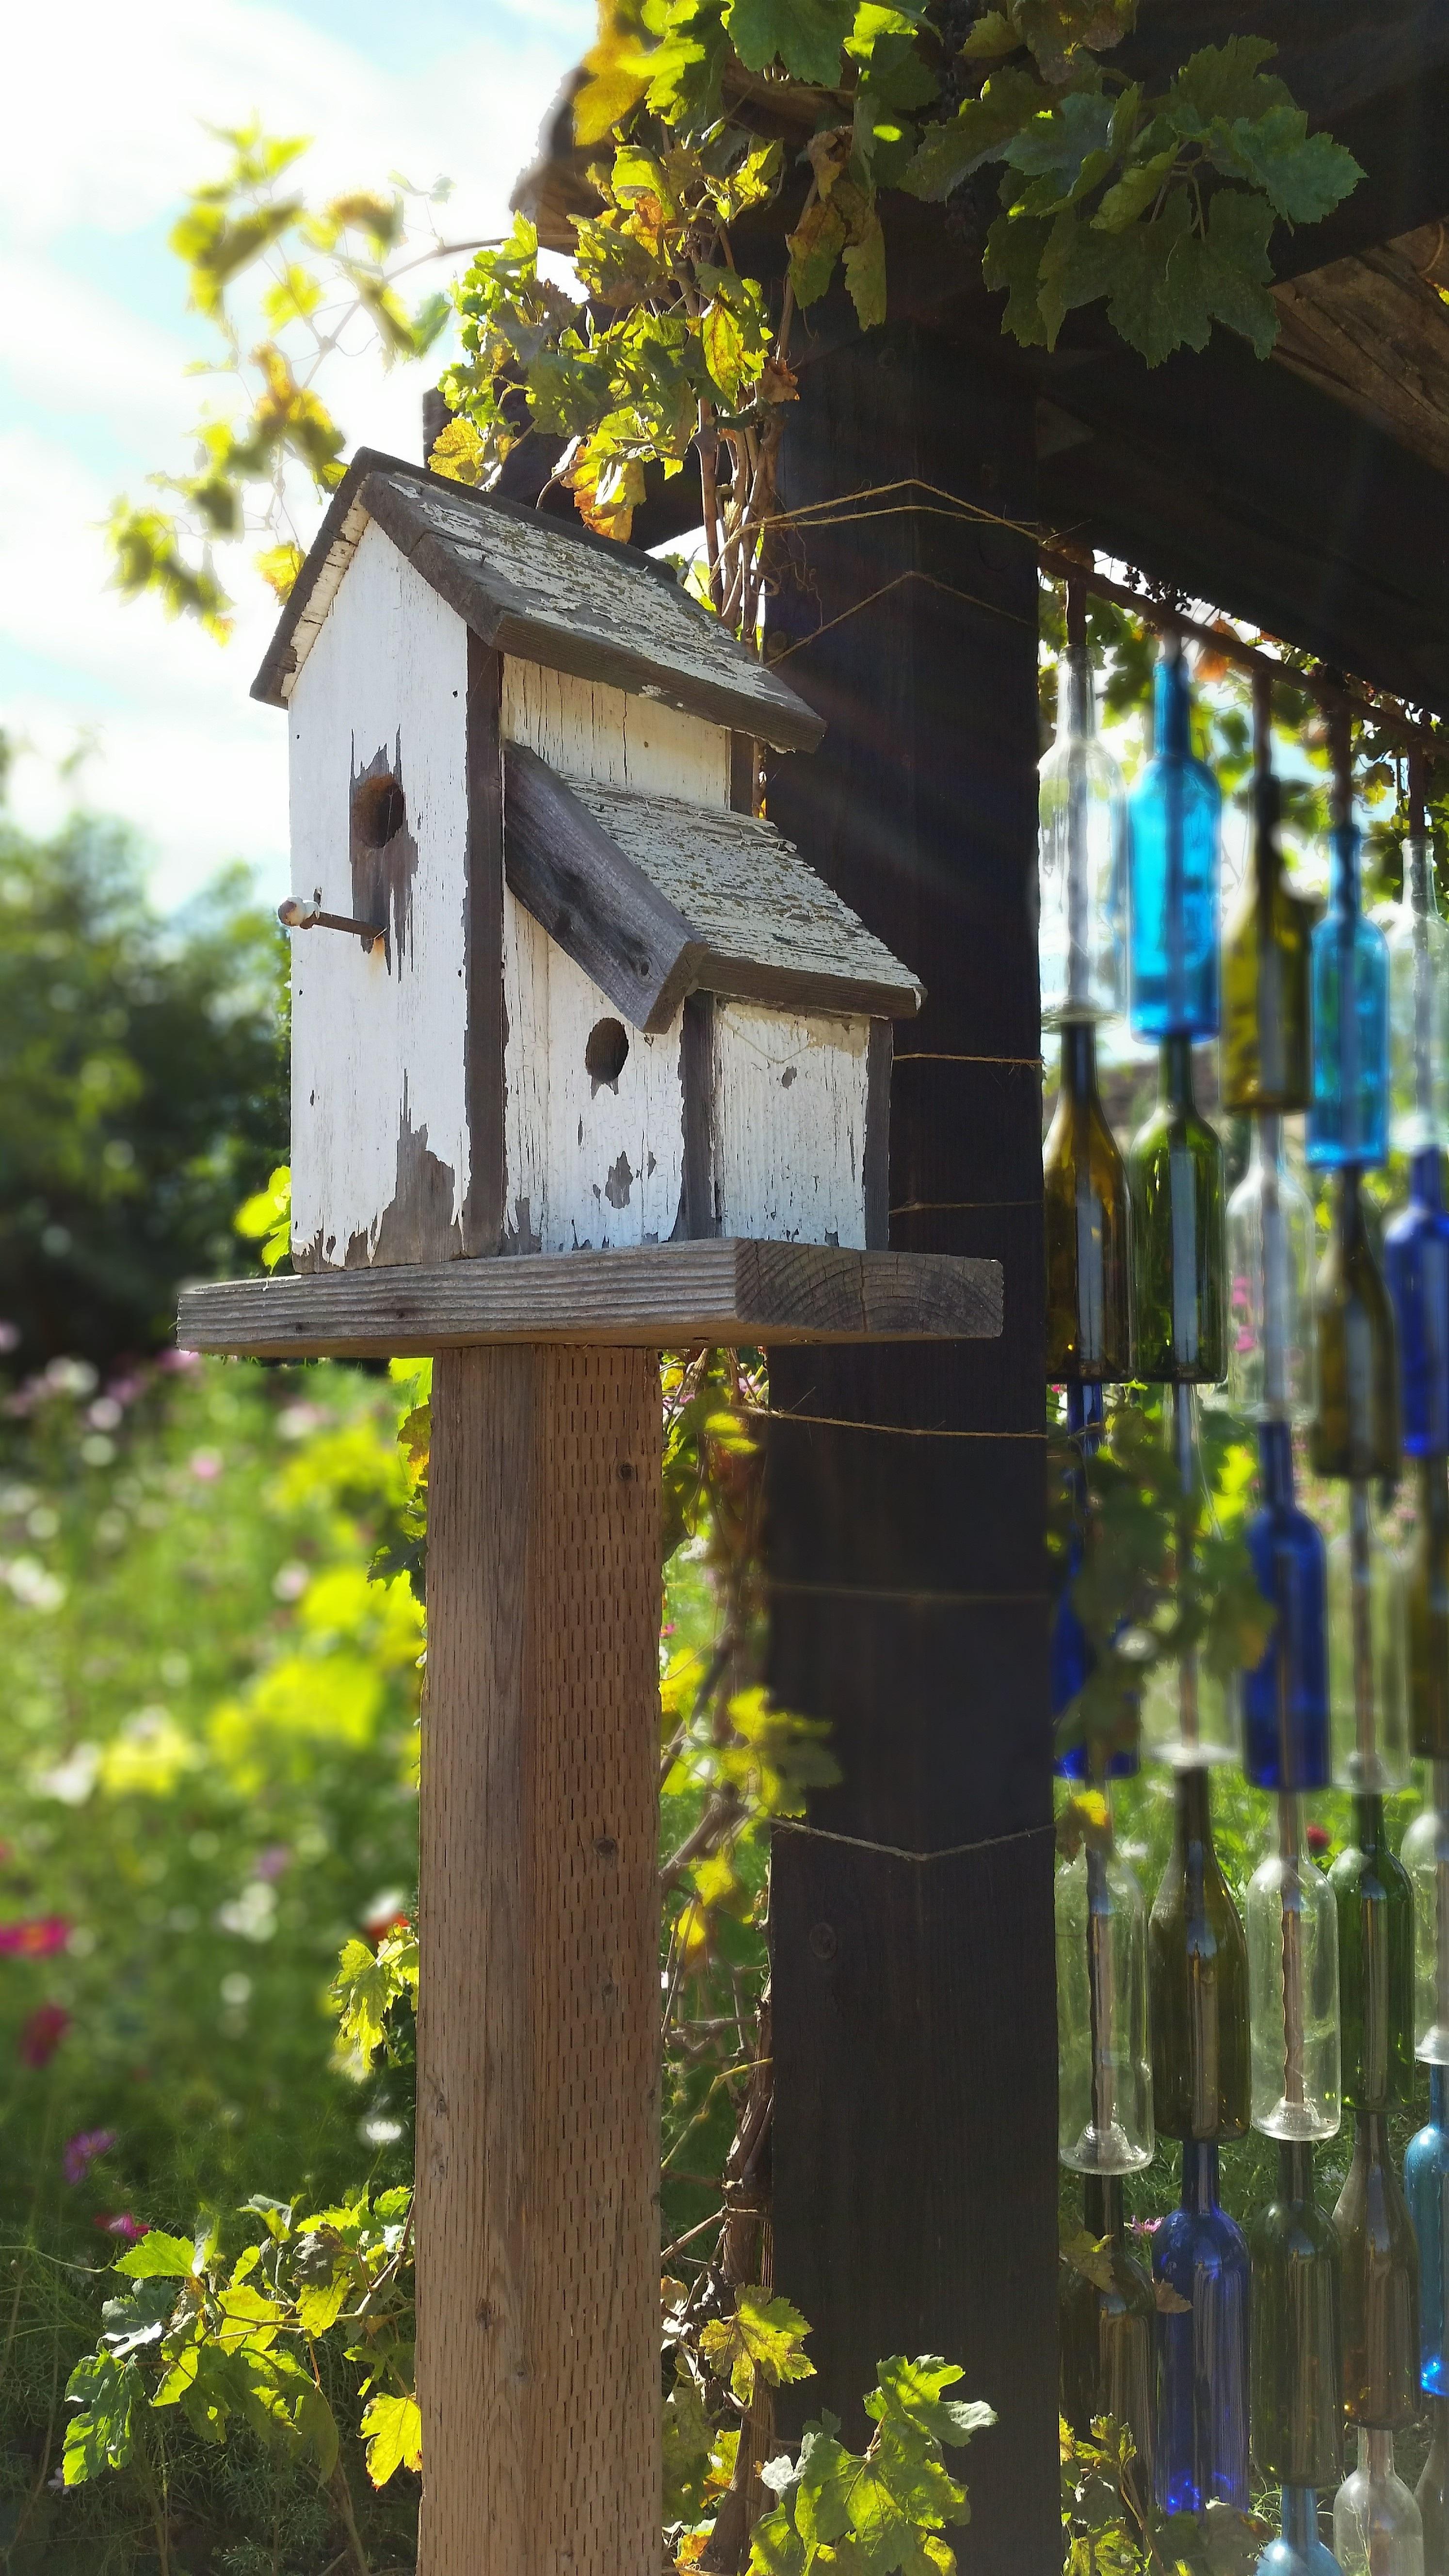 Arbre Bois Blanc Decoration images gratuites : arbre, la nature, oiseau, clôture